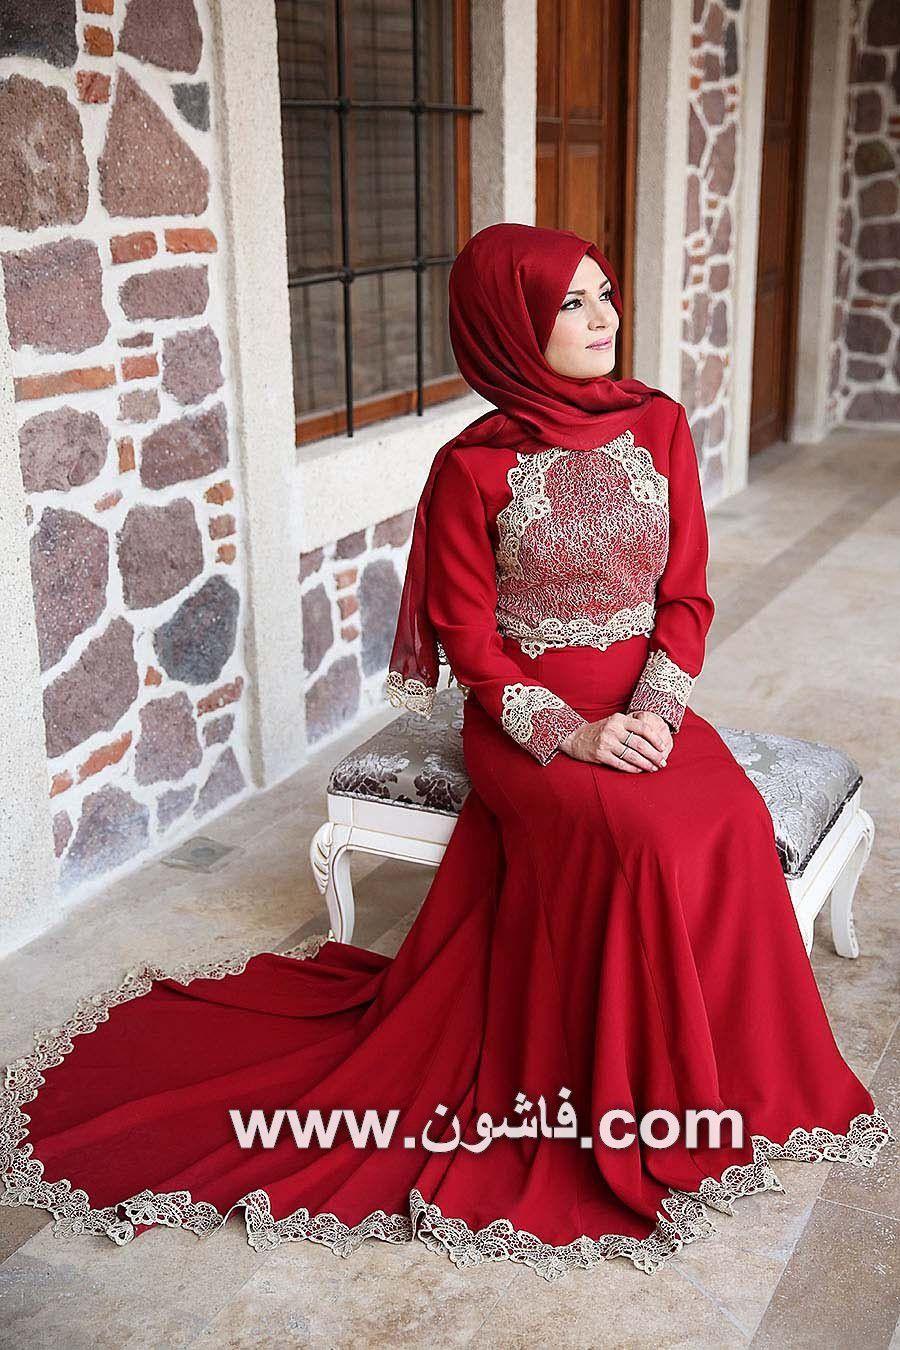 اجمل فستان سواريه تركى للمحجبات صور فساتين فساتين زفاف فساتين سواريه فساتين للمحجبات اتيليه اليكس فاشون بالاسك Hijab Dress Party Dresses Muslim Dress